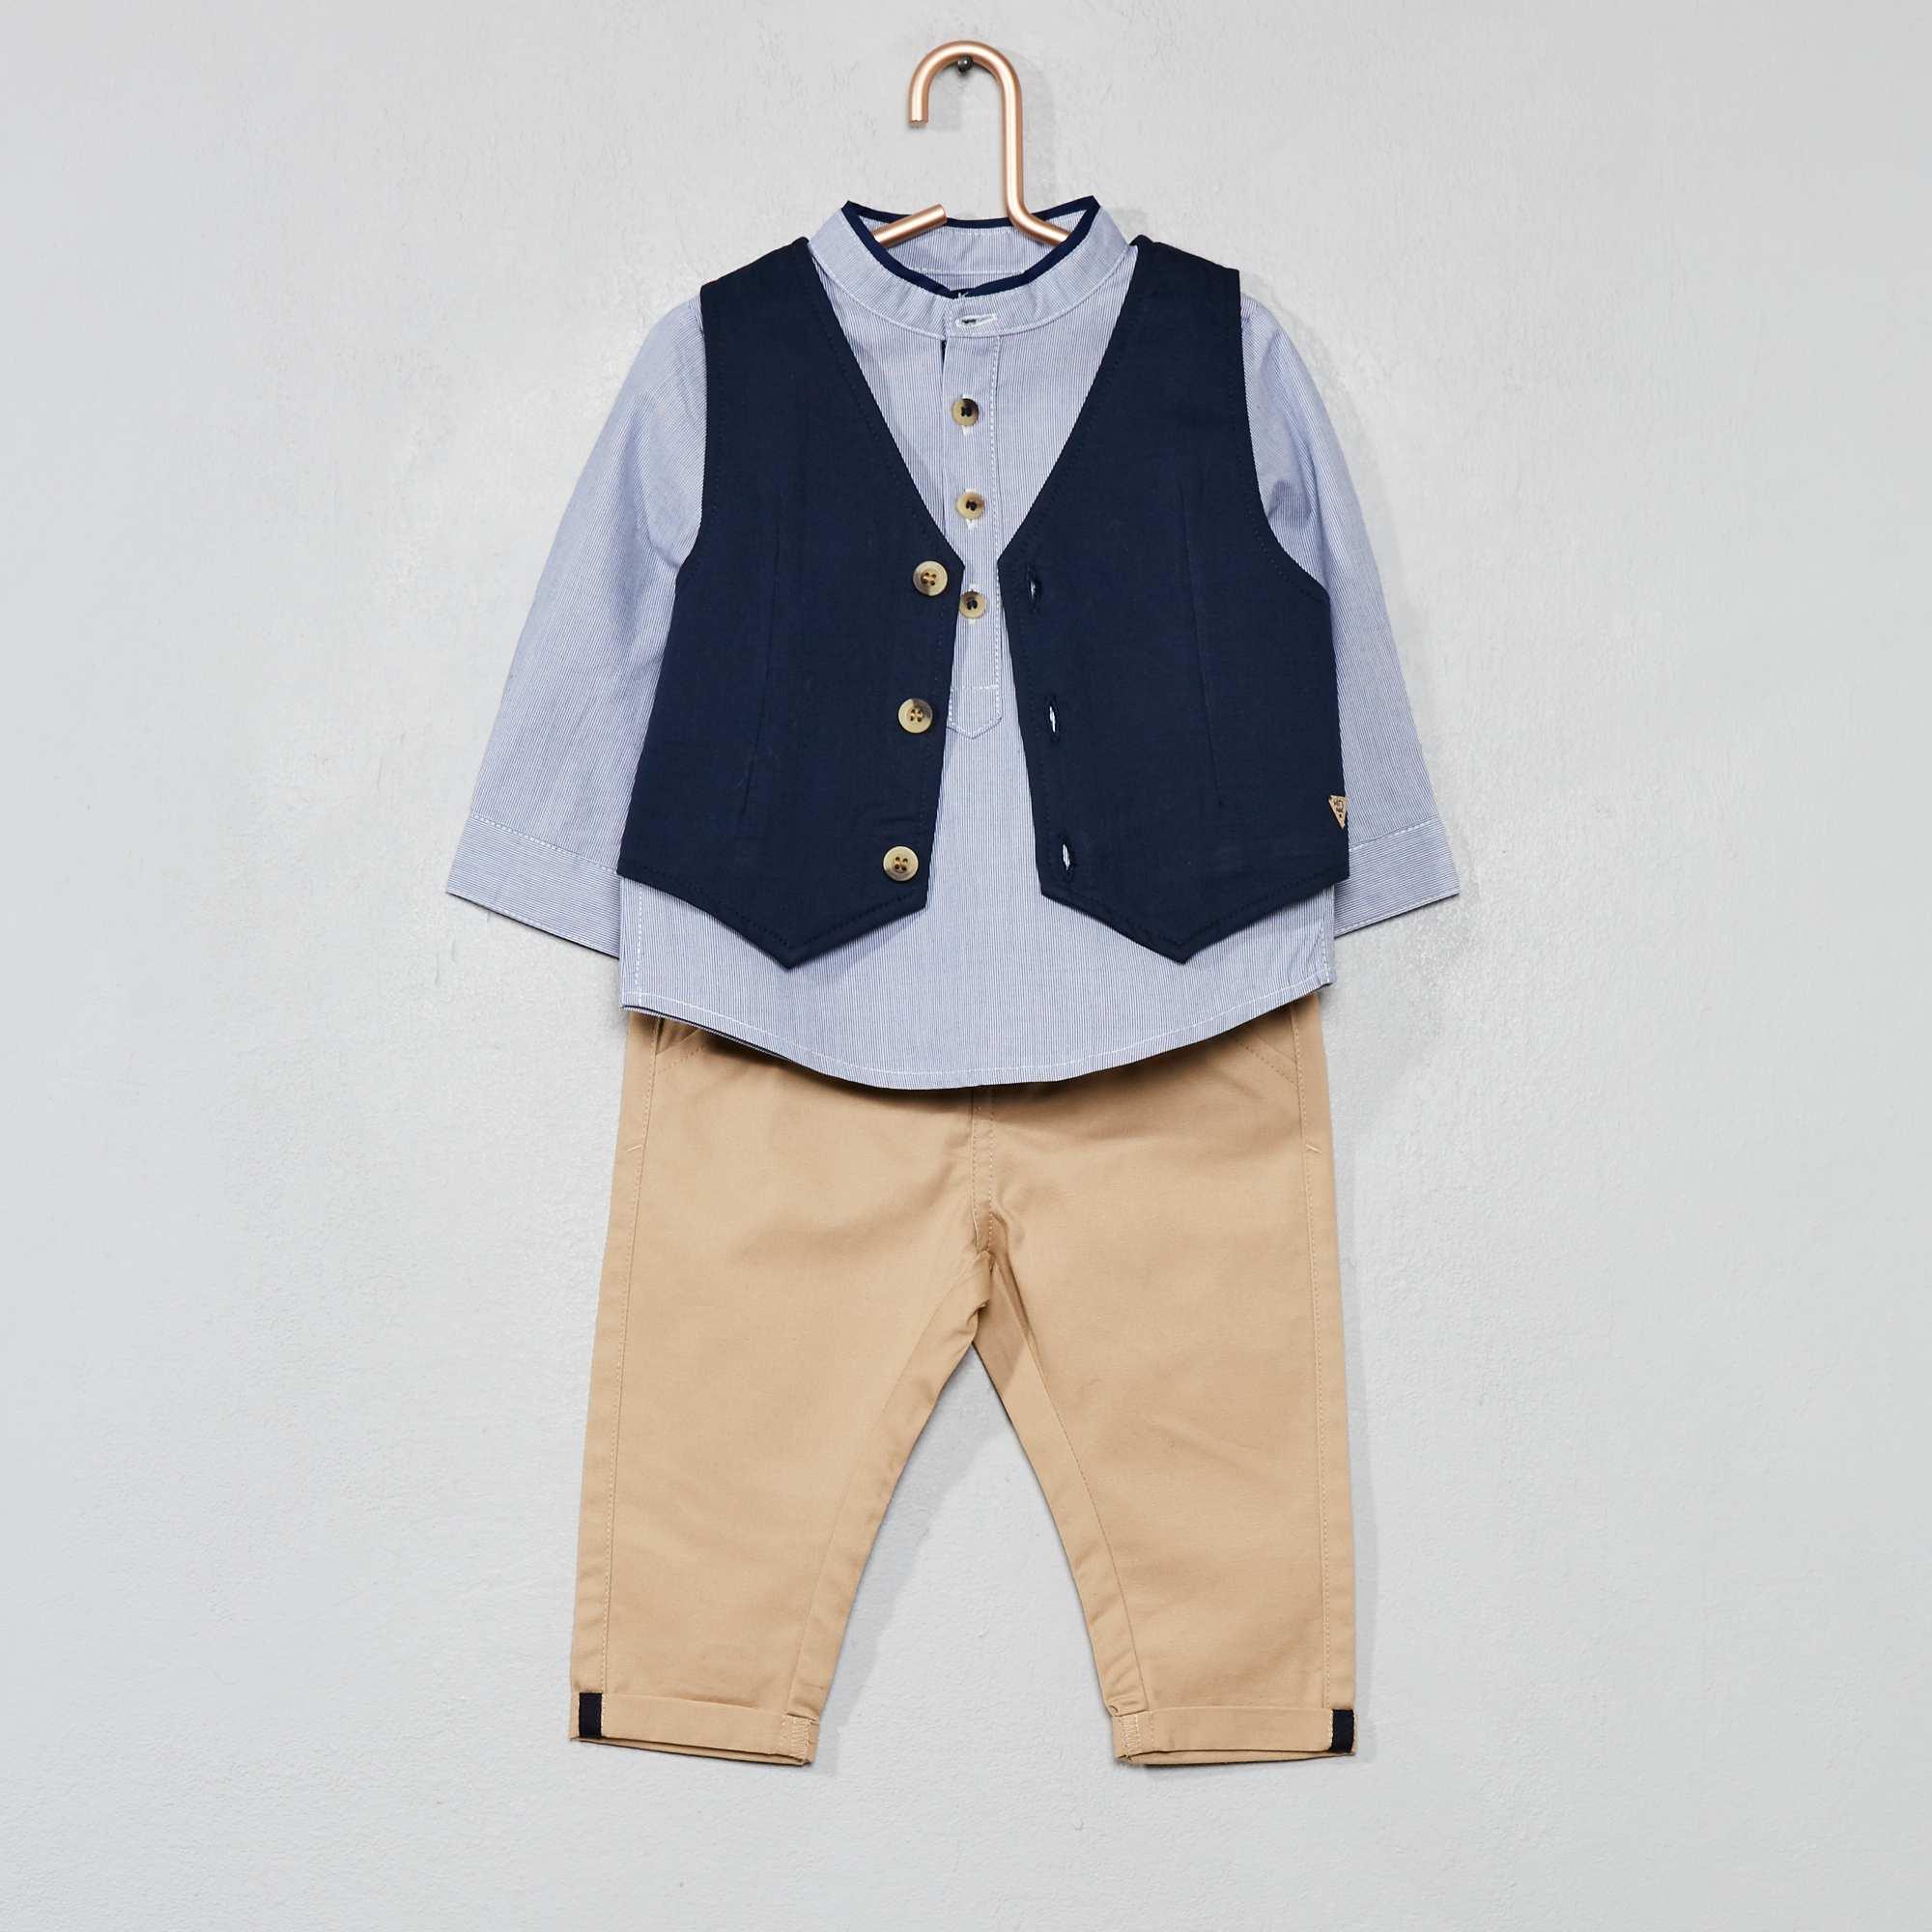 0612a1dc029 Conjunto de chaleco + camisa + pantalón BLANCO Bebé niño. Loading zoom. Haz  clic en ...